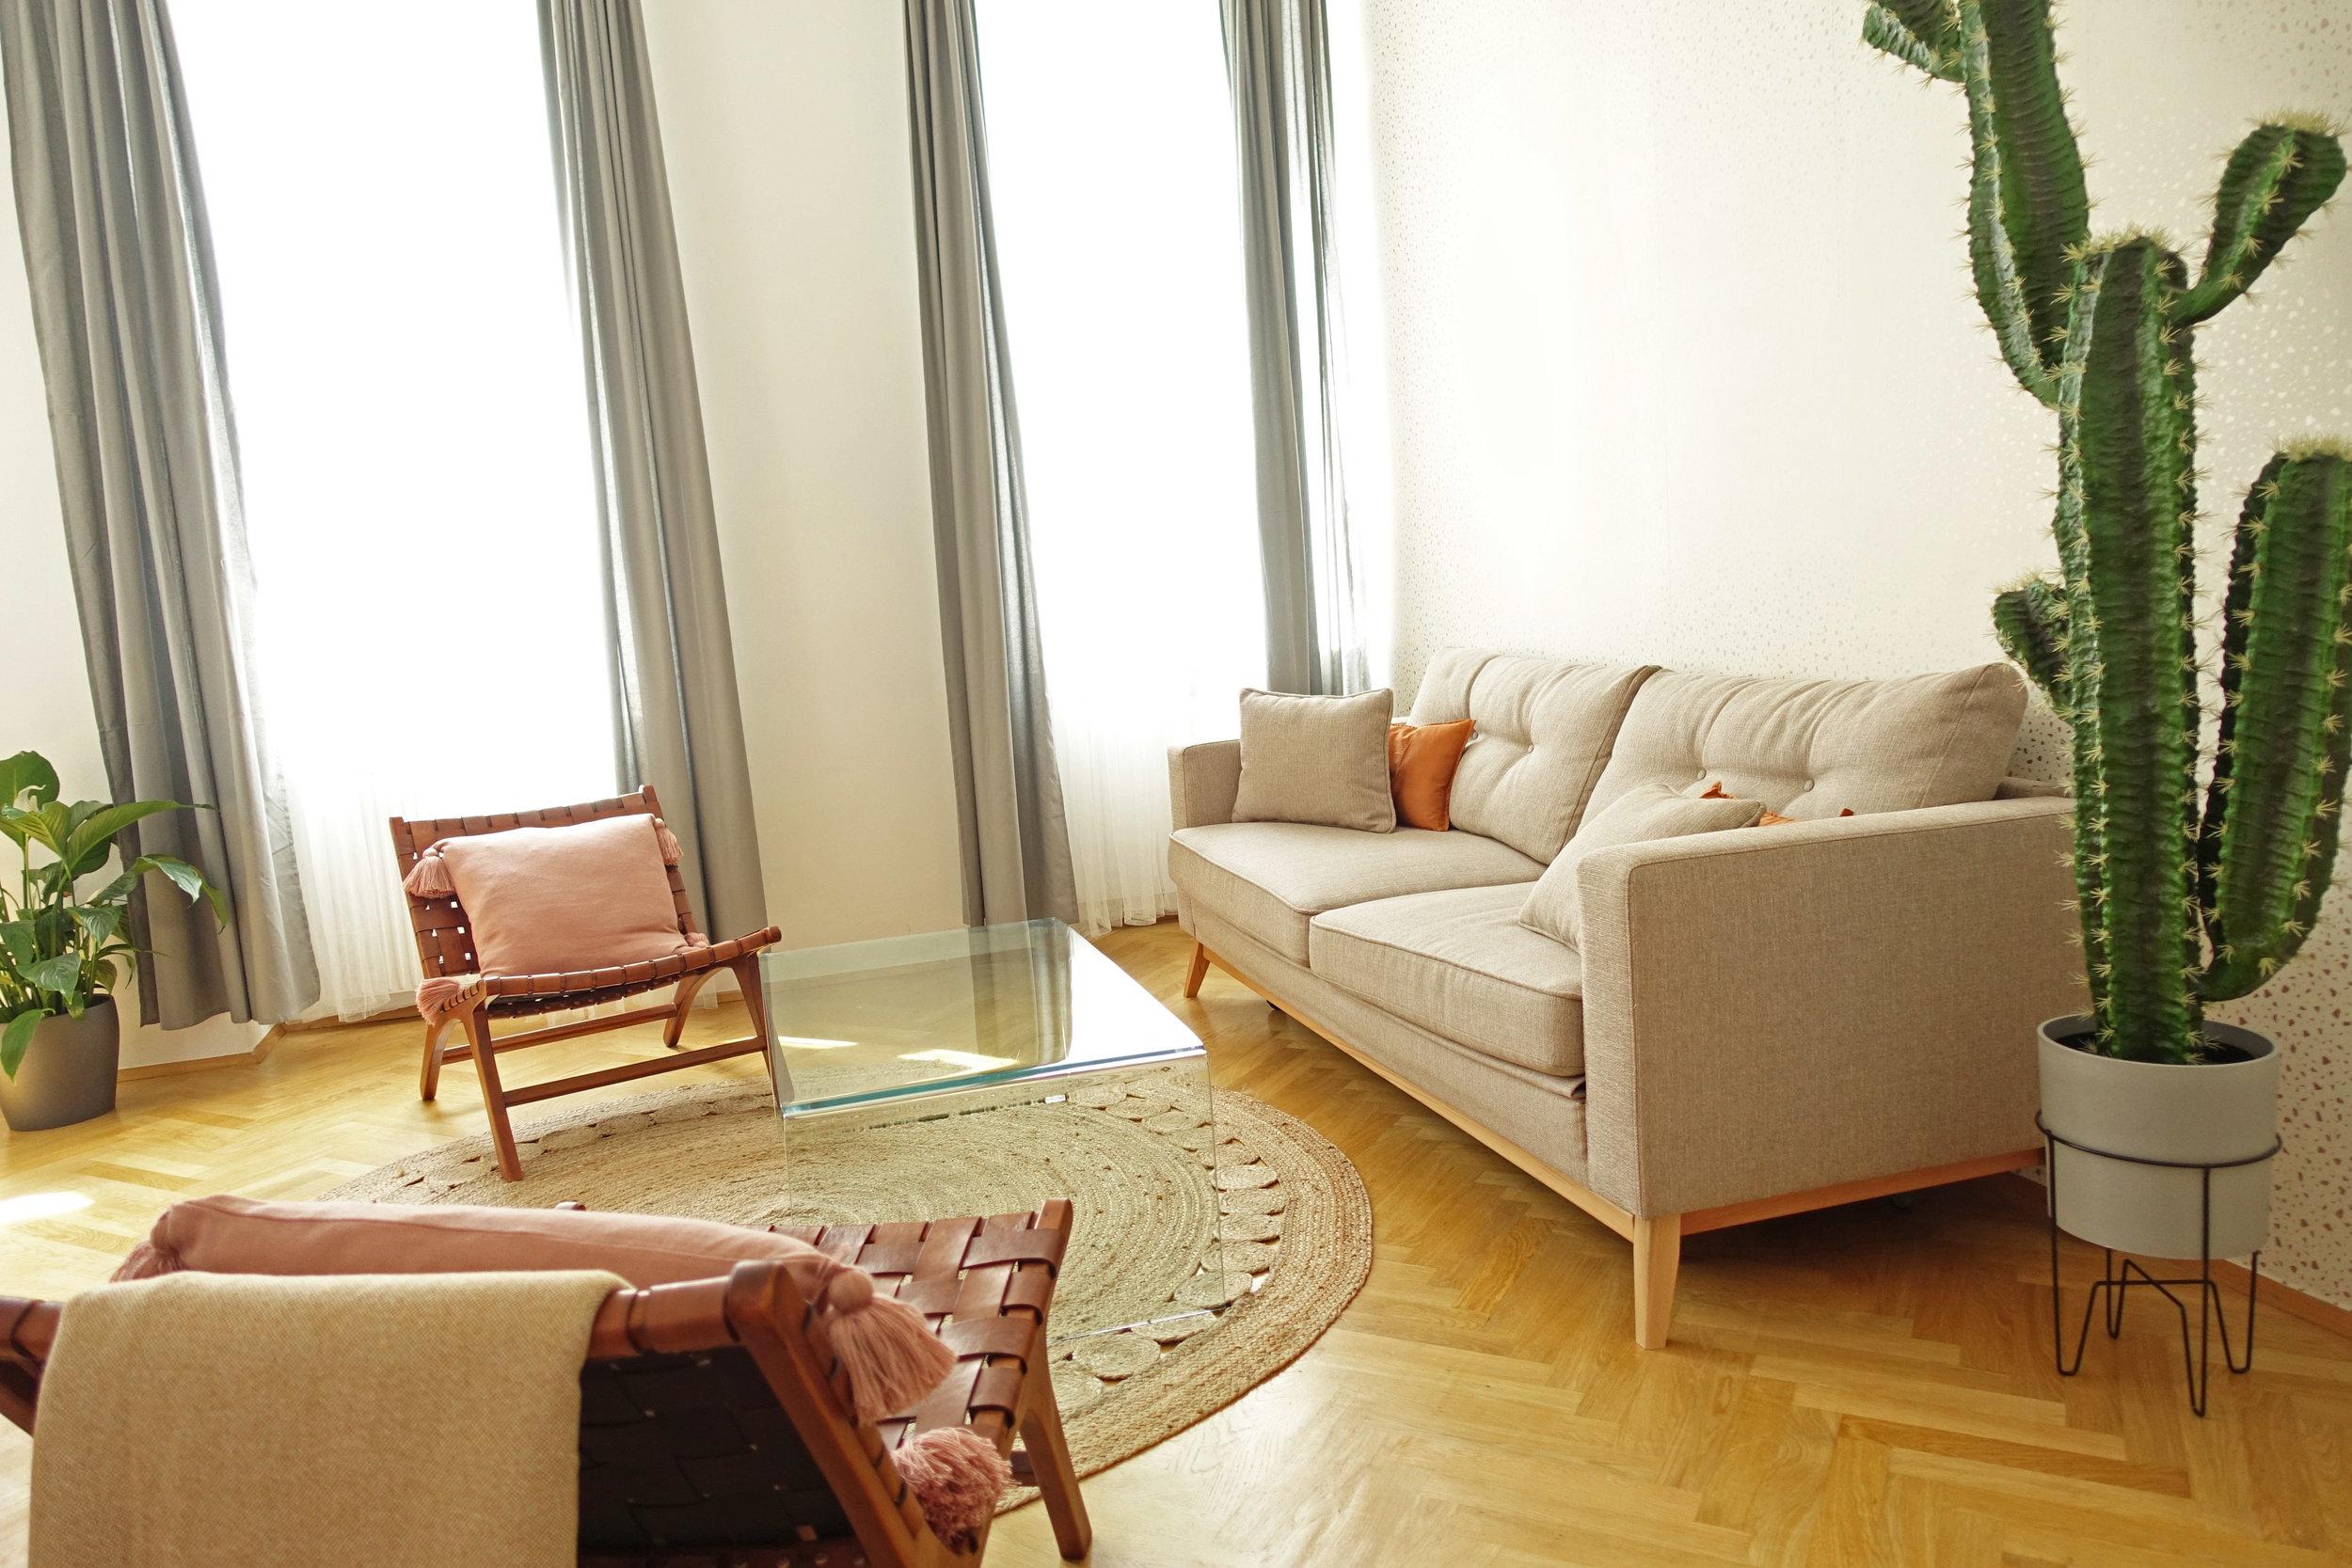 04_Apartment_gr.jpg